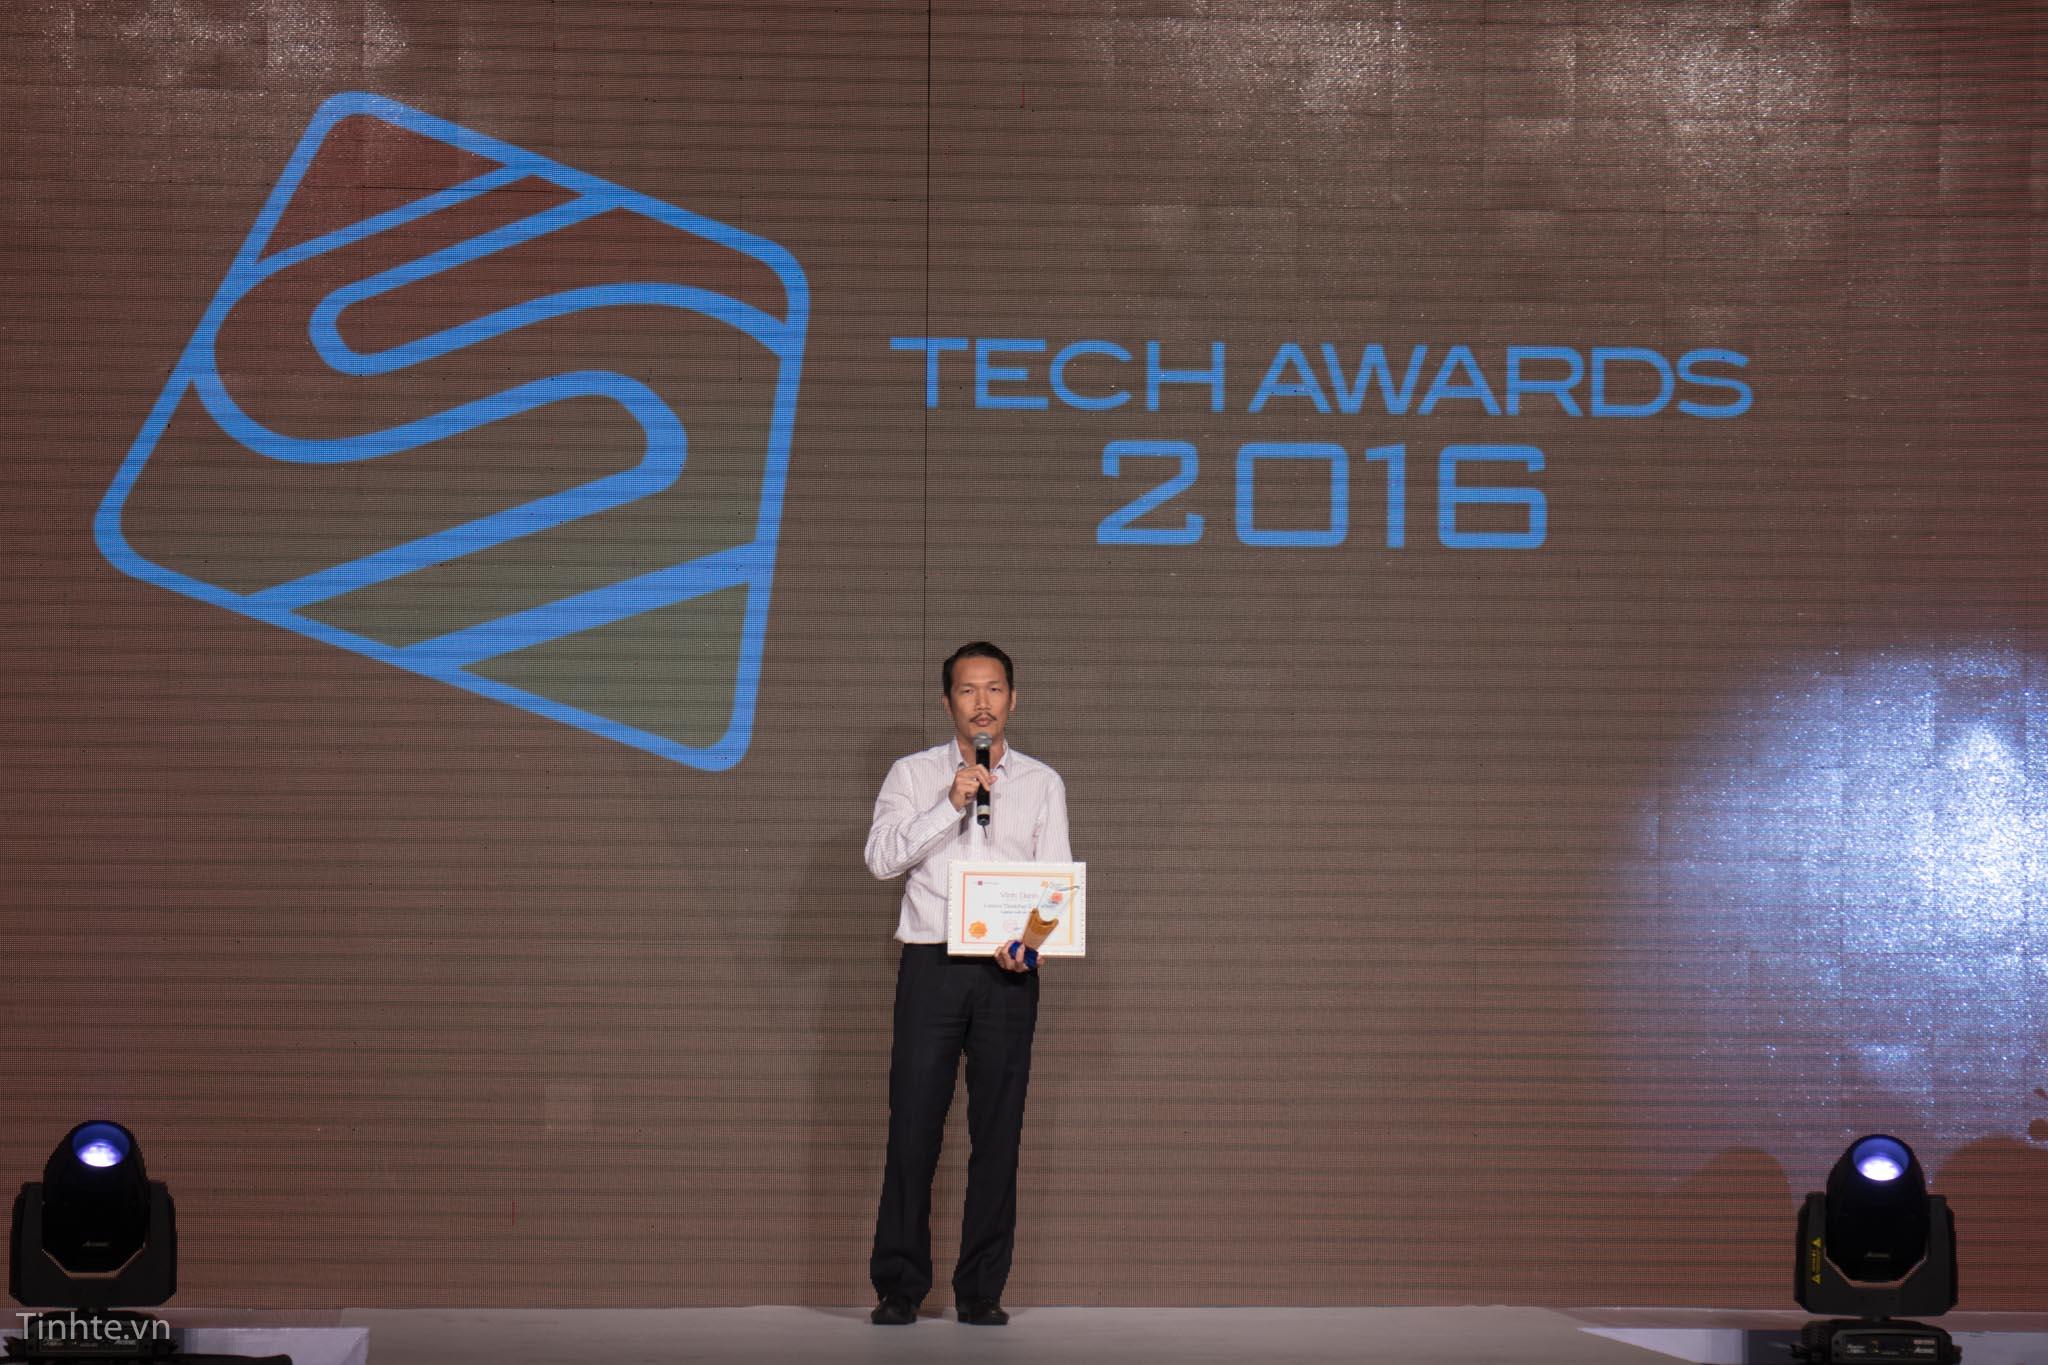 Sohoa-Tech-Award-2016-4.jpg